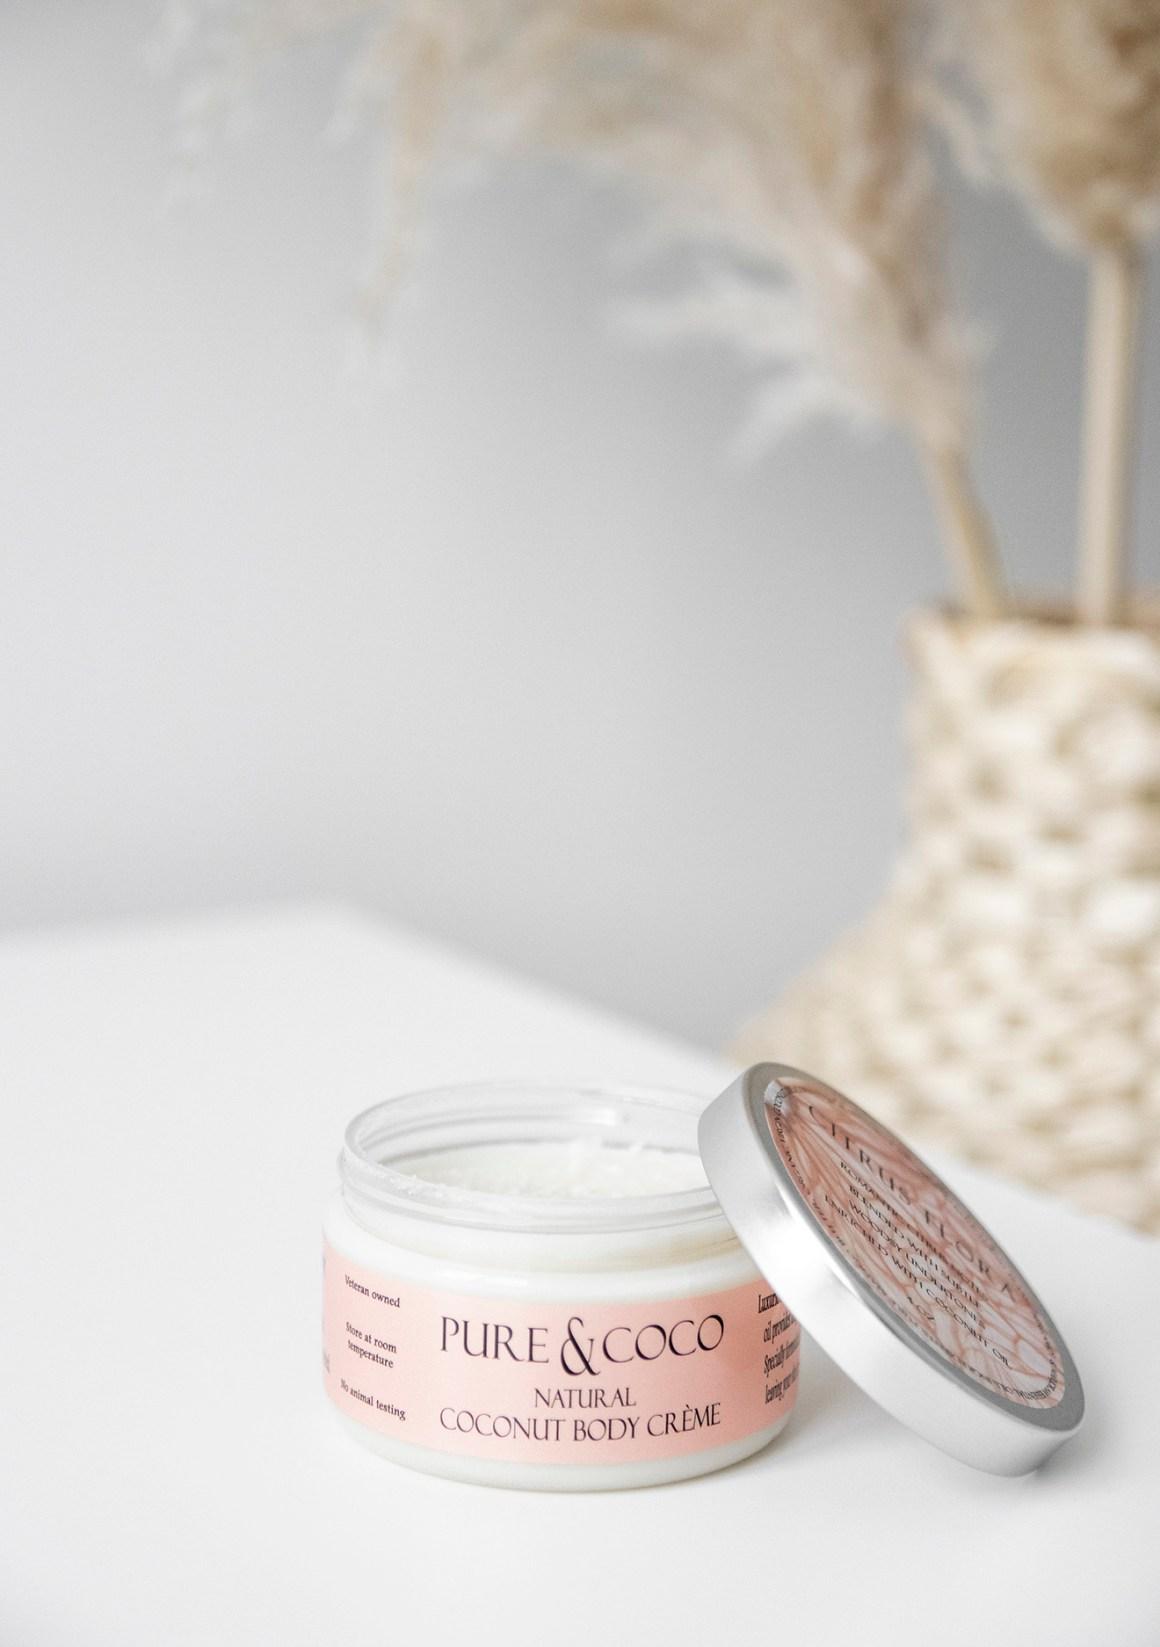 Pure and Coco Natural Coconut Body Cream